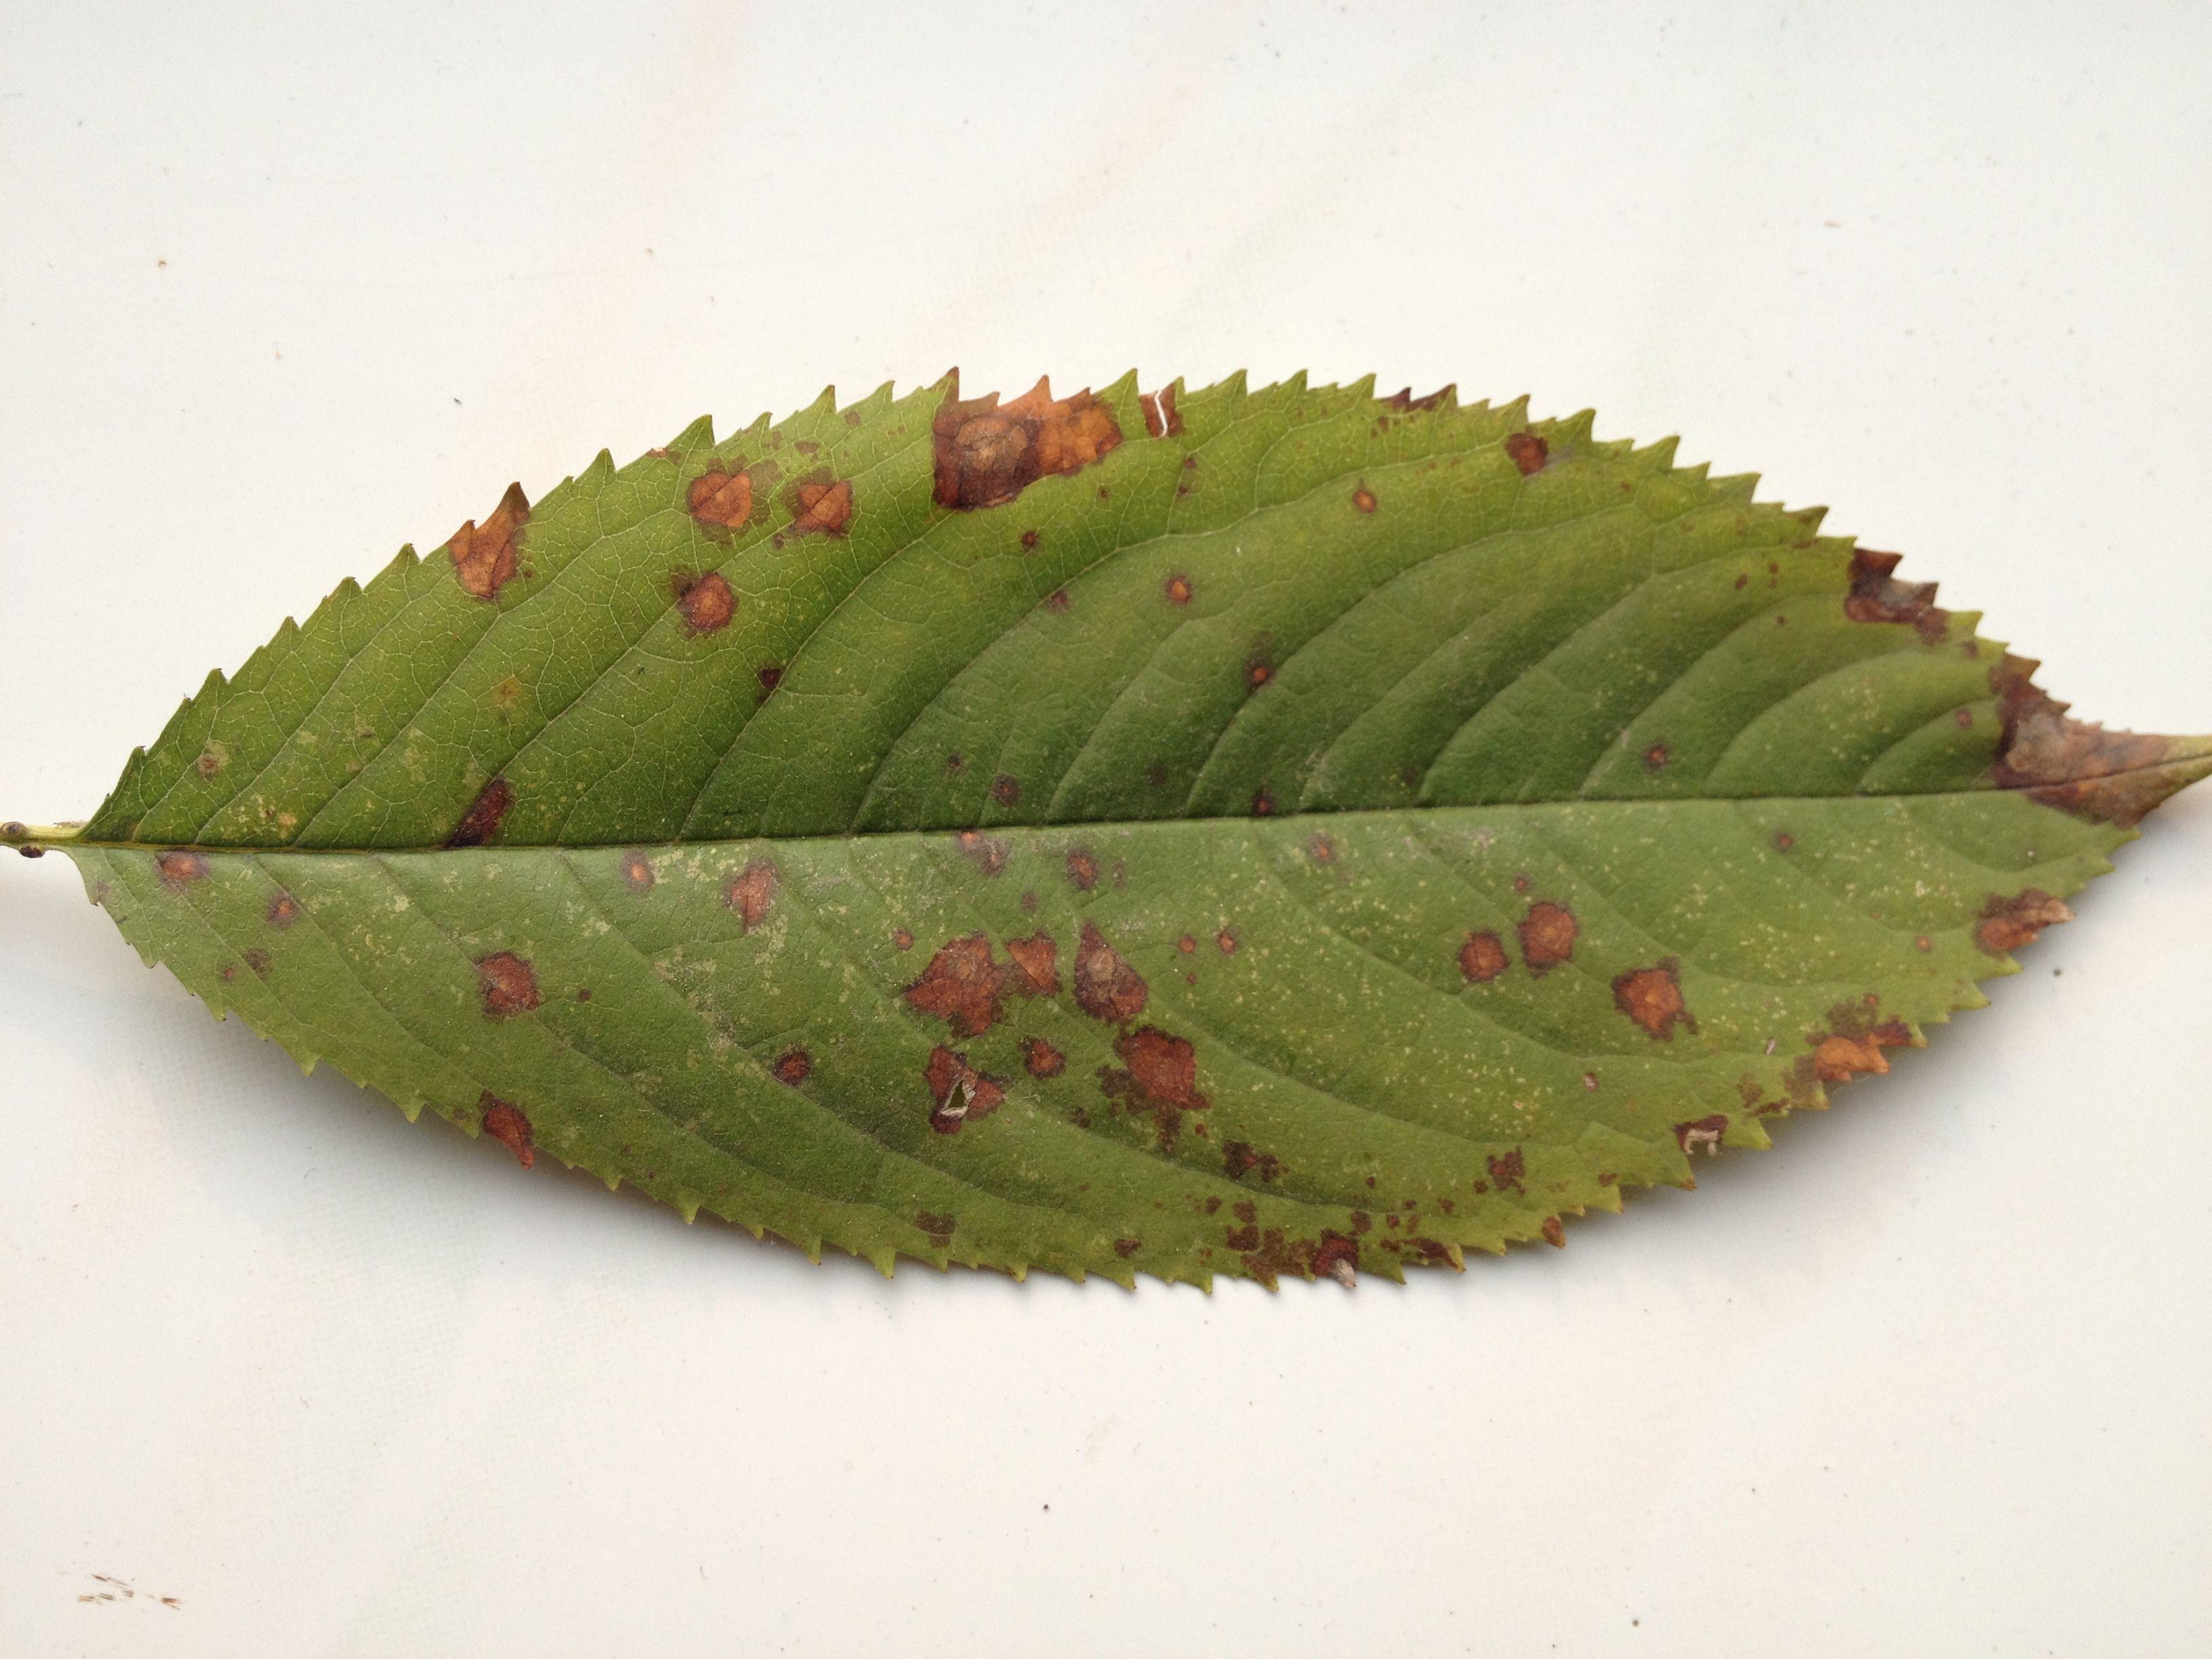 大樱桃树大面积死枝,是得了什么病吗图片